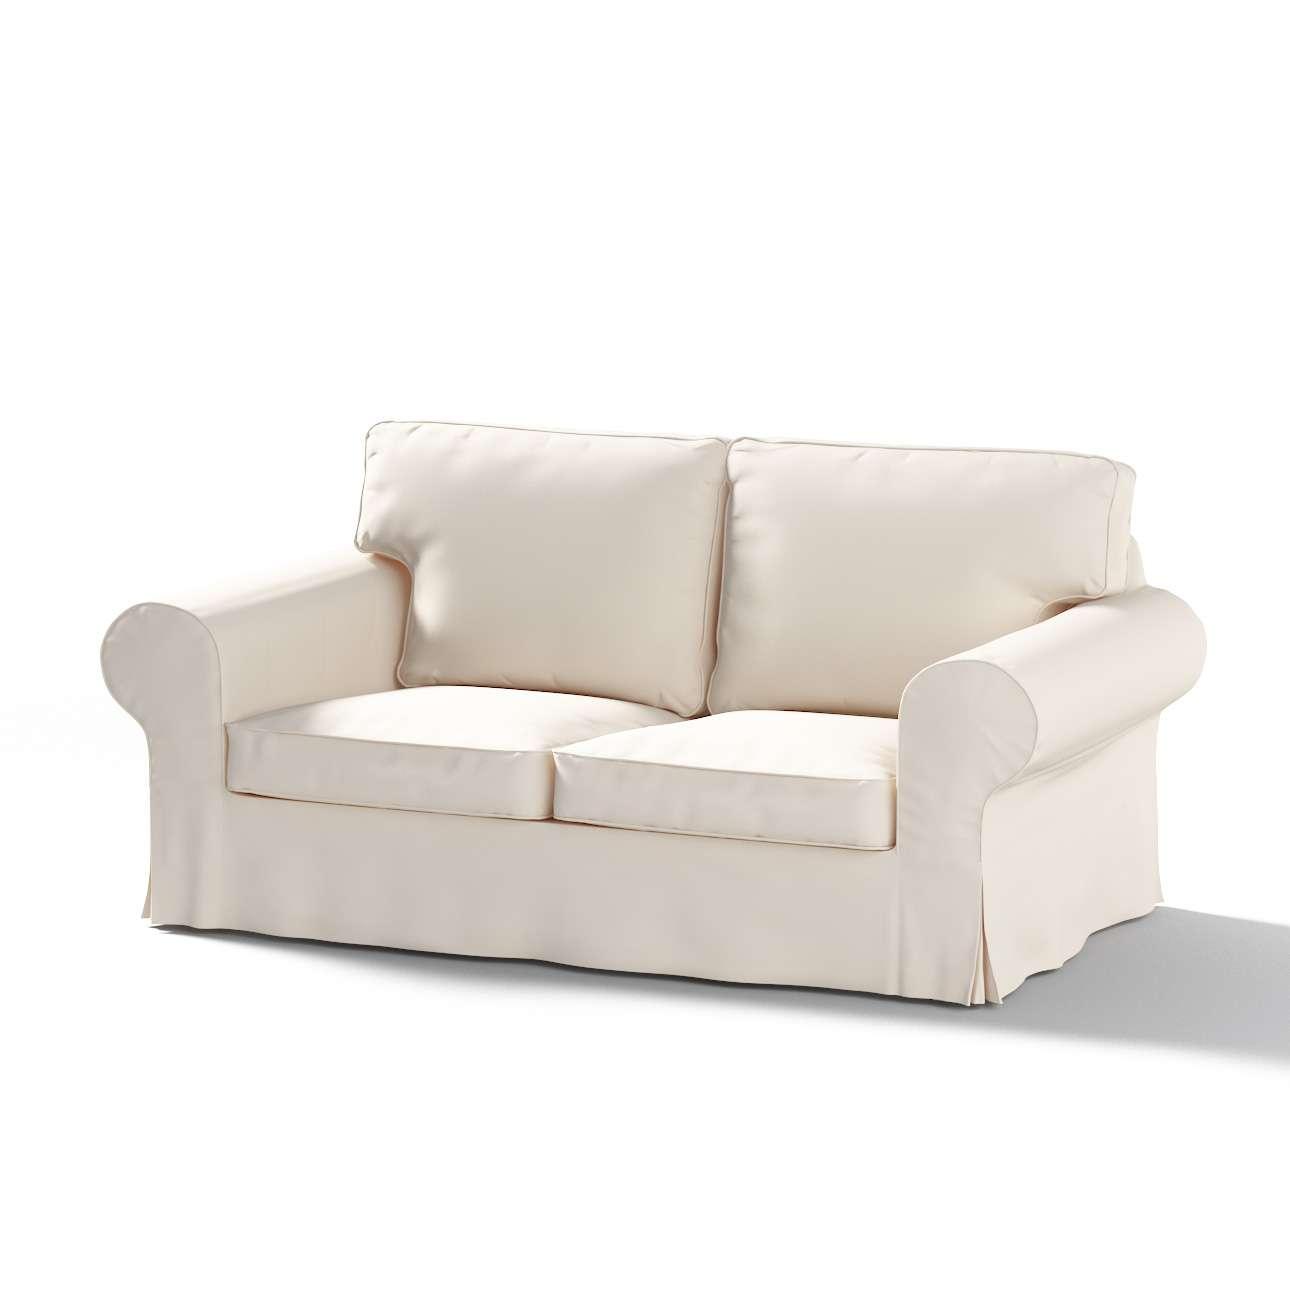 Pokrowiec na sofę Ektorp 2-osobową, nierozkładaną Sofa Ektorp 2-osobowa w kolekcji Etna , tkanina: 705-01